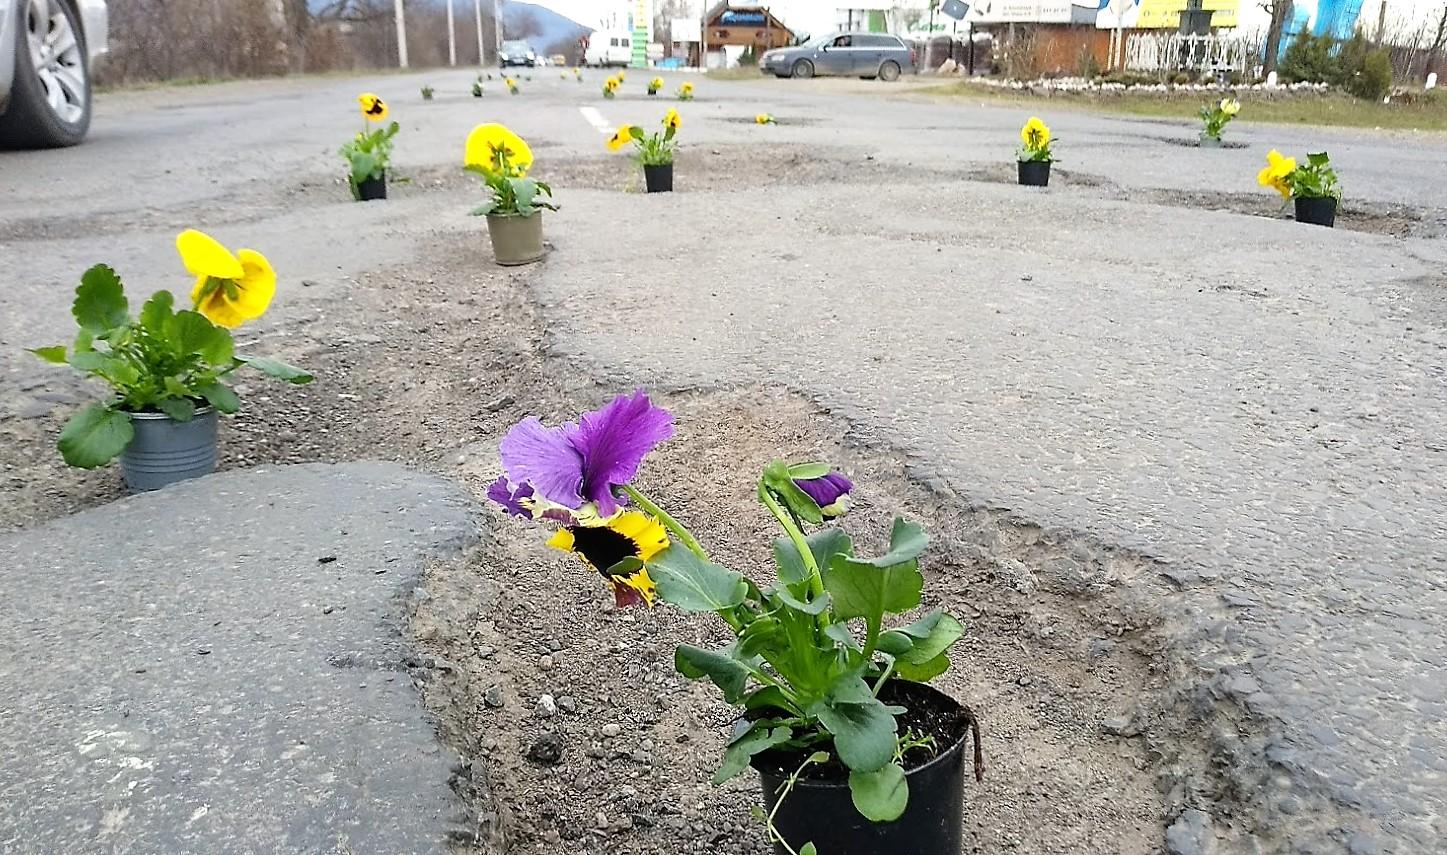 Фото 3 - На Закарпатті ями на дорогах по маршруту Порошенка прикрасили квітами у вазонах (ФОТО)